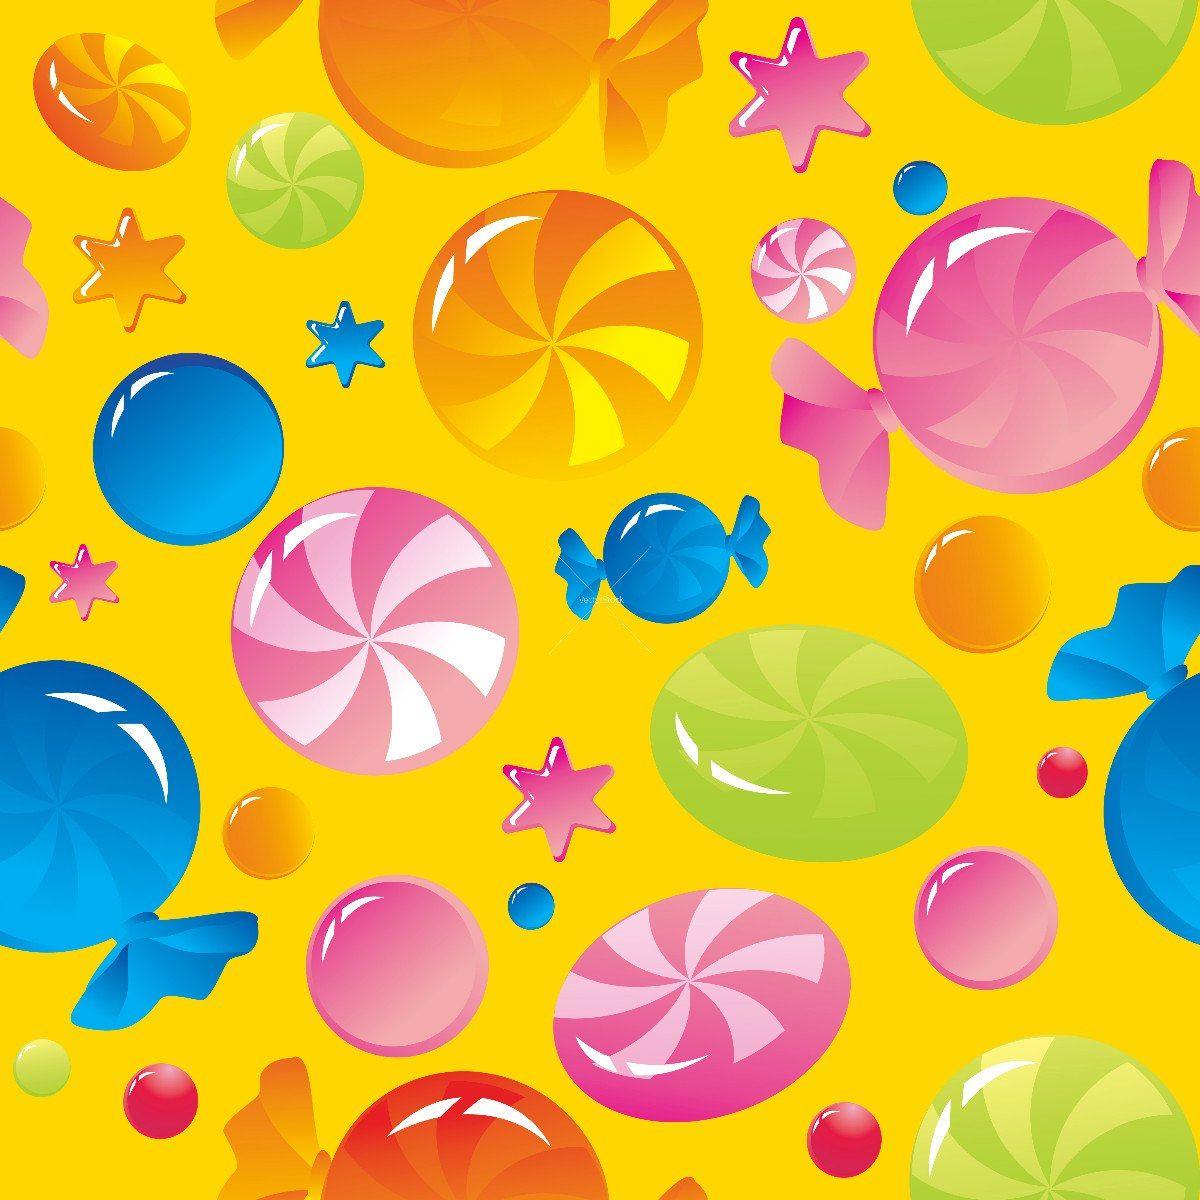 Vinilos adhesivos decorativos para dulcerias dulces 13290 for Vinilos decorativos para pared